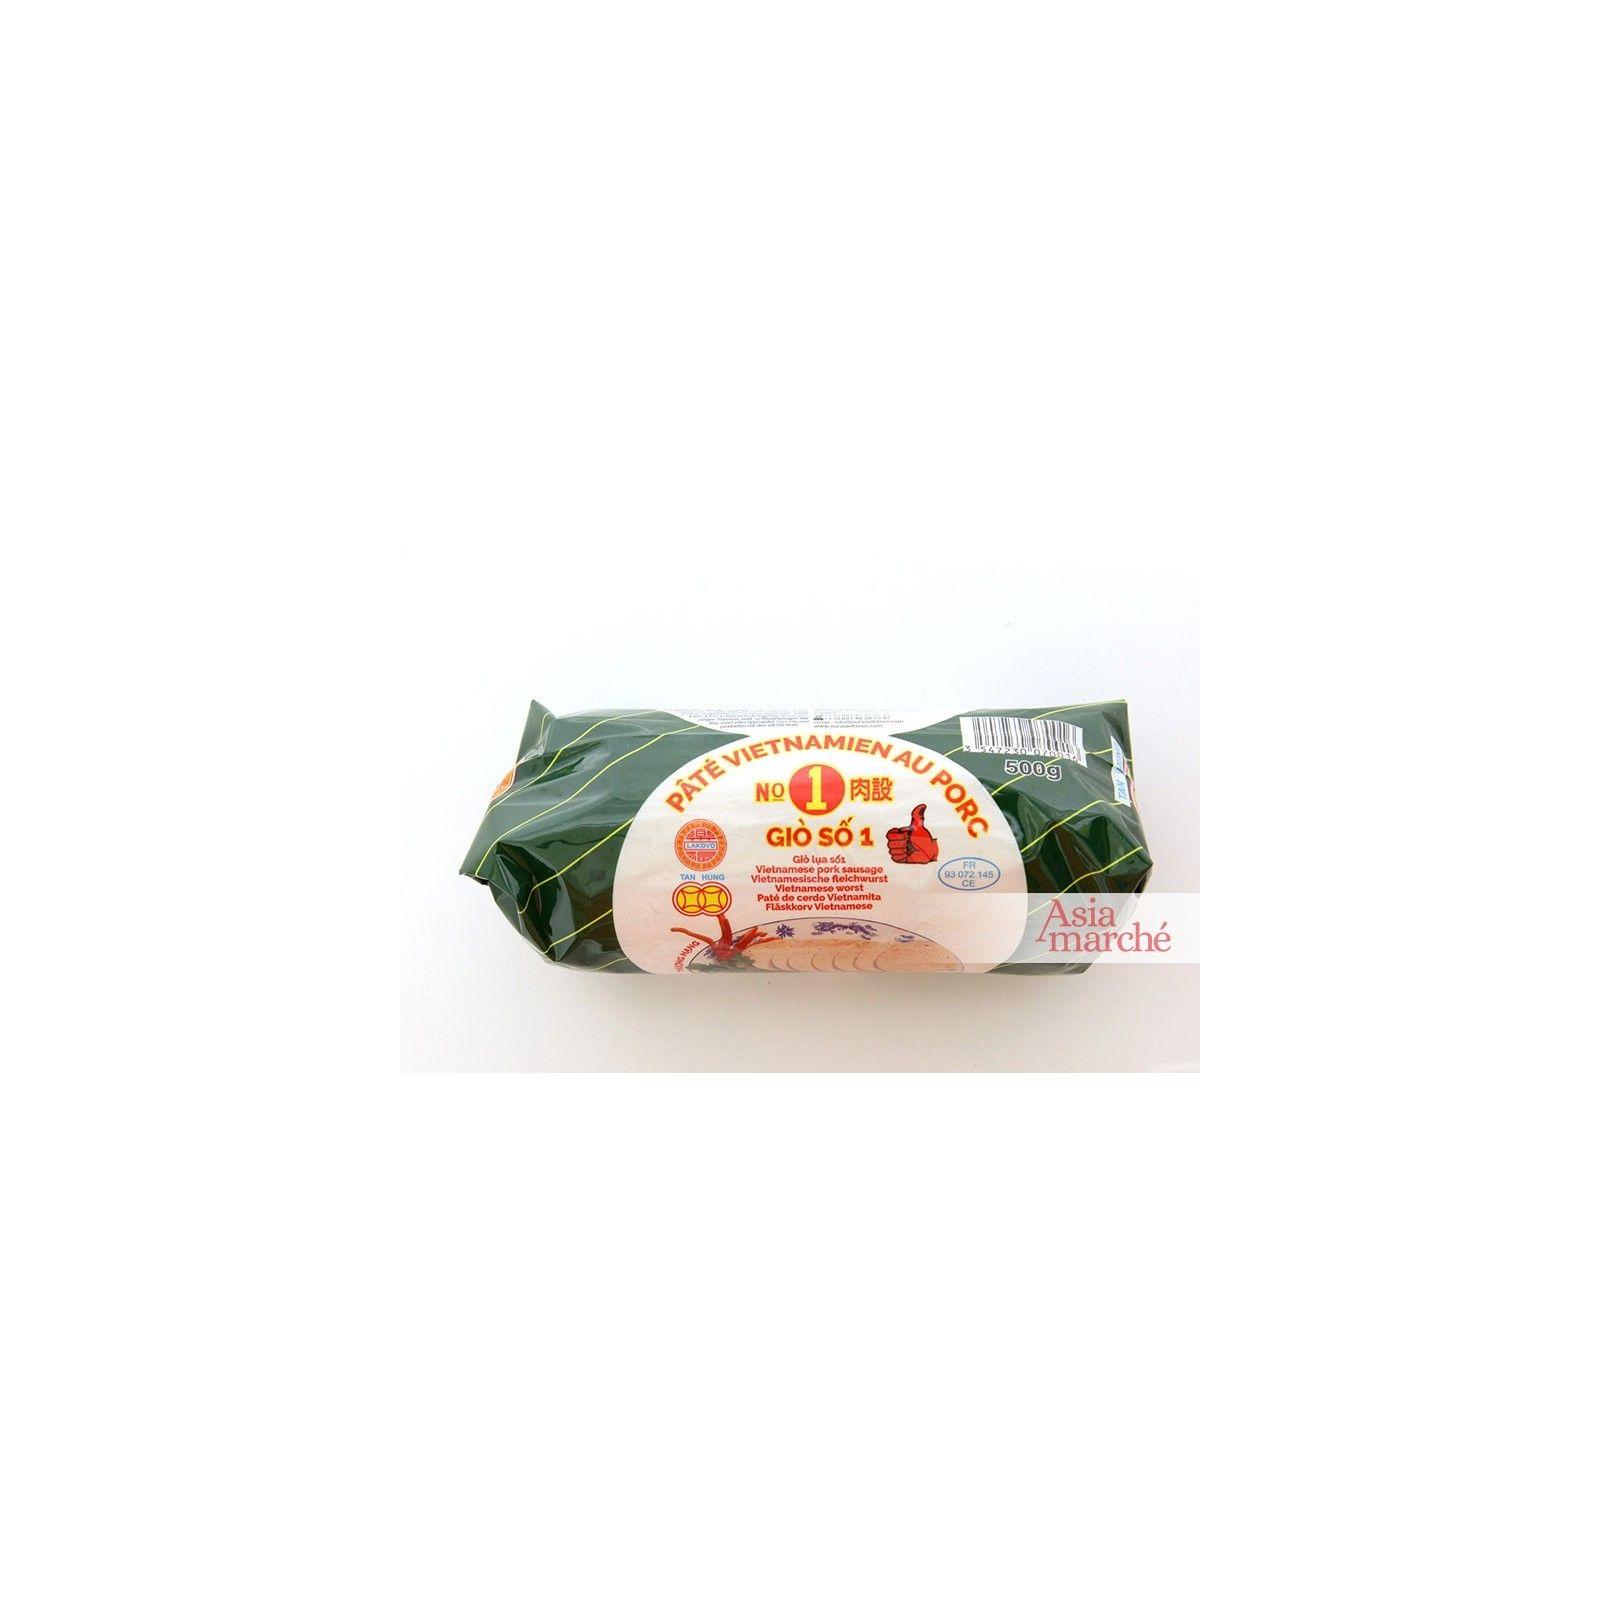 Asia Marché Gio Dac Biet, Pâté Vietnamien au porc (sans couenne) 500g